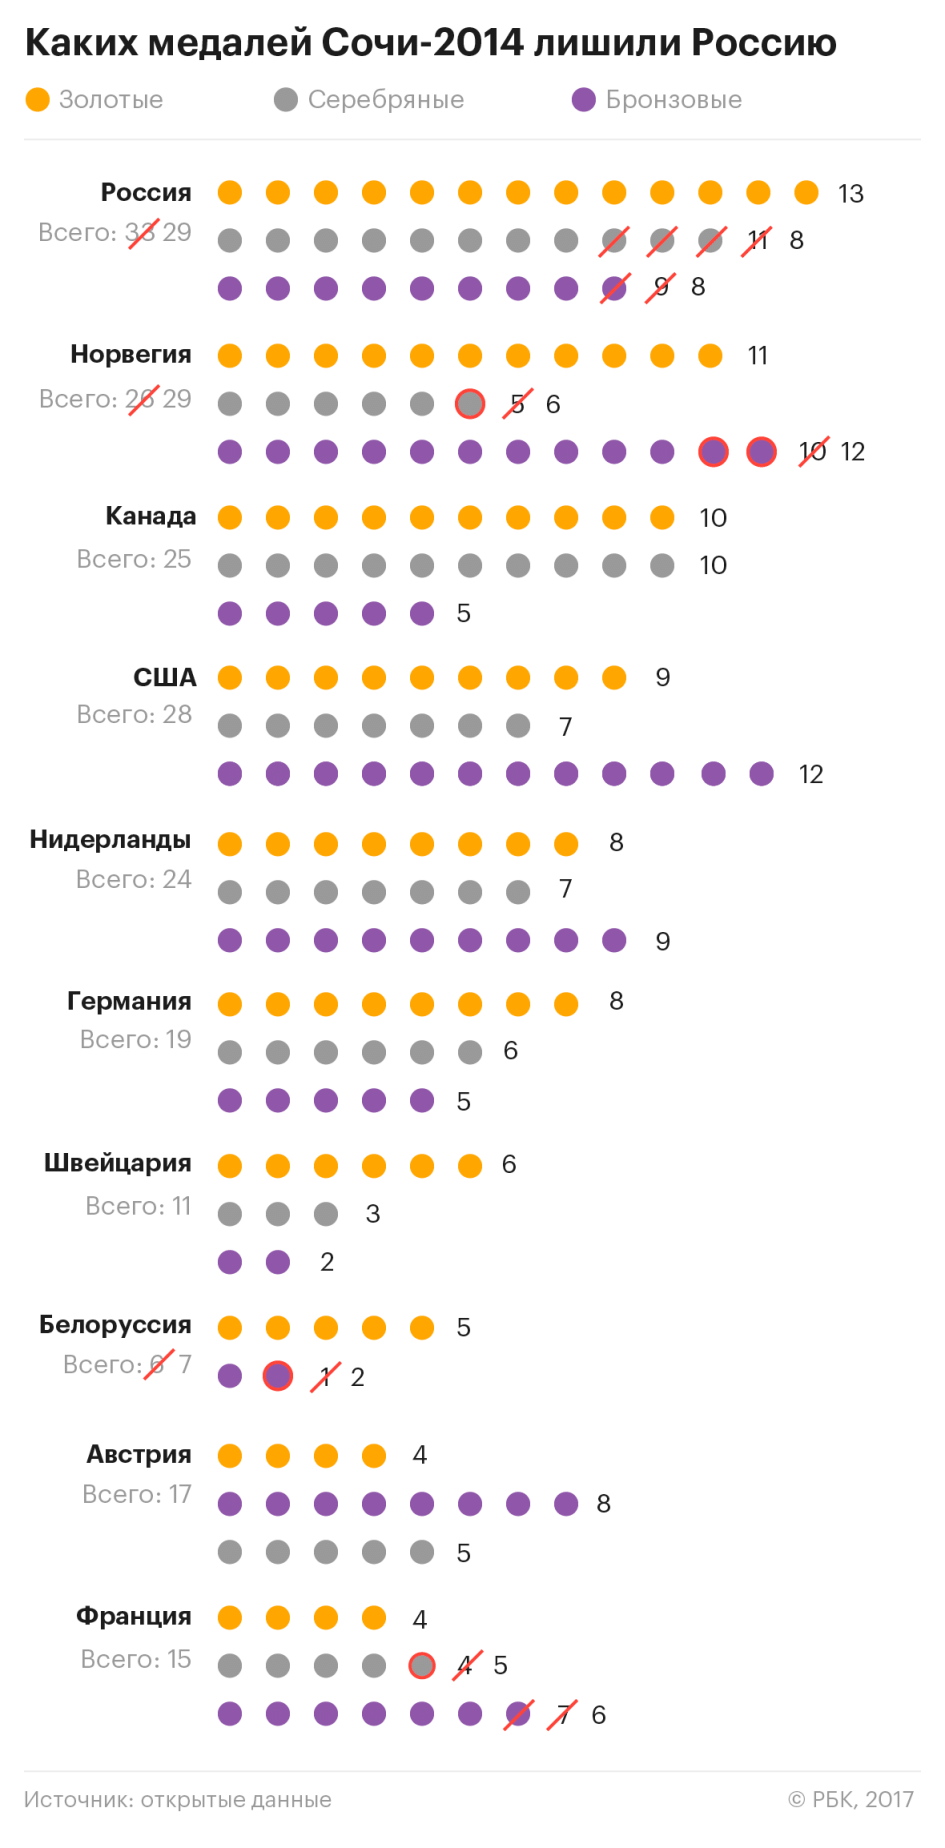 Изменения в таблице медалей Олимпиады в Сочи после решений МОК о дисквалификации российских лыжников.